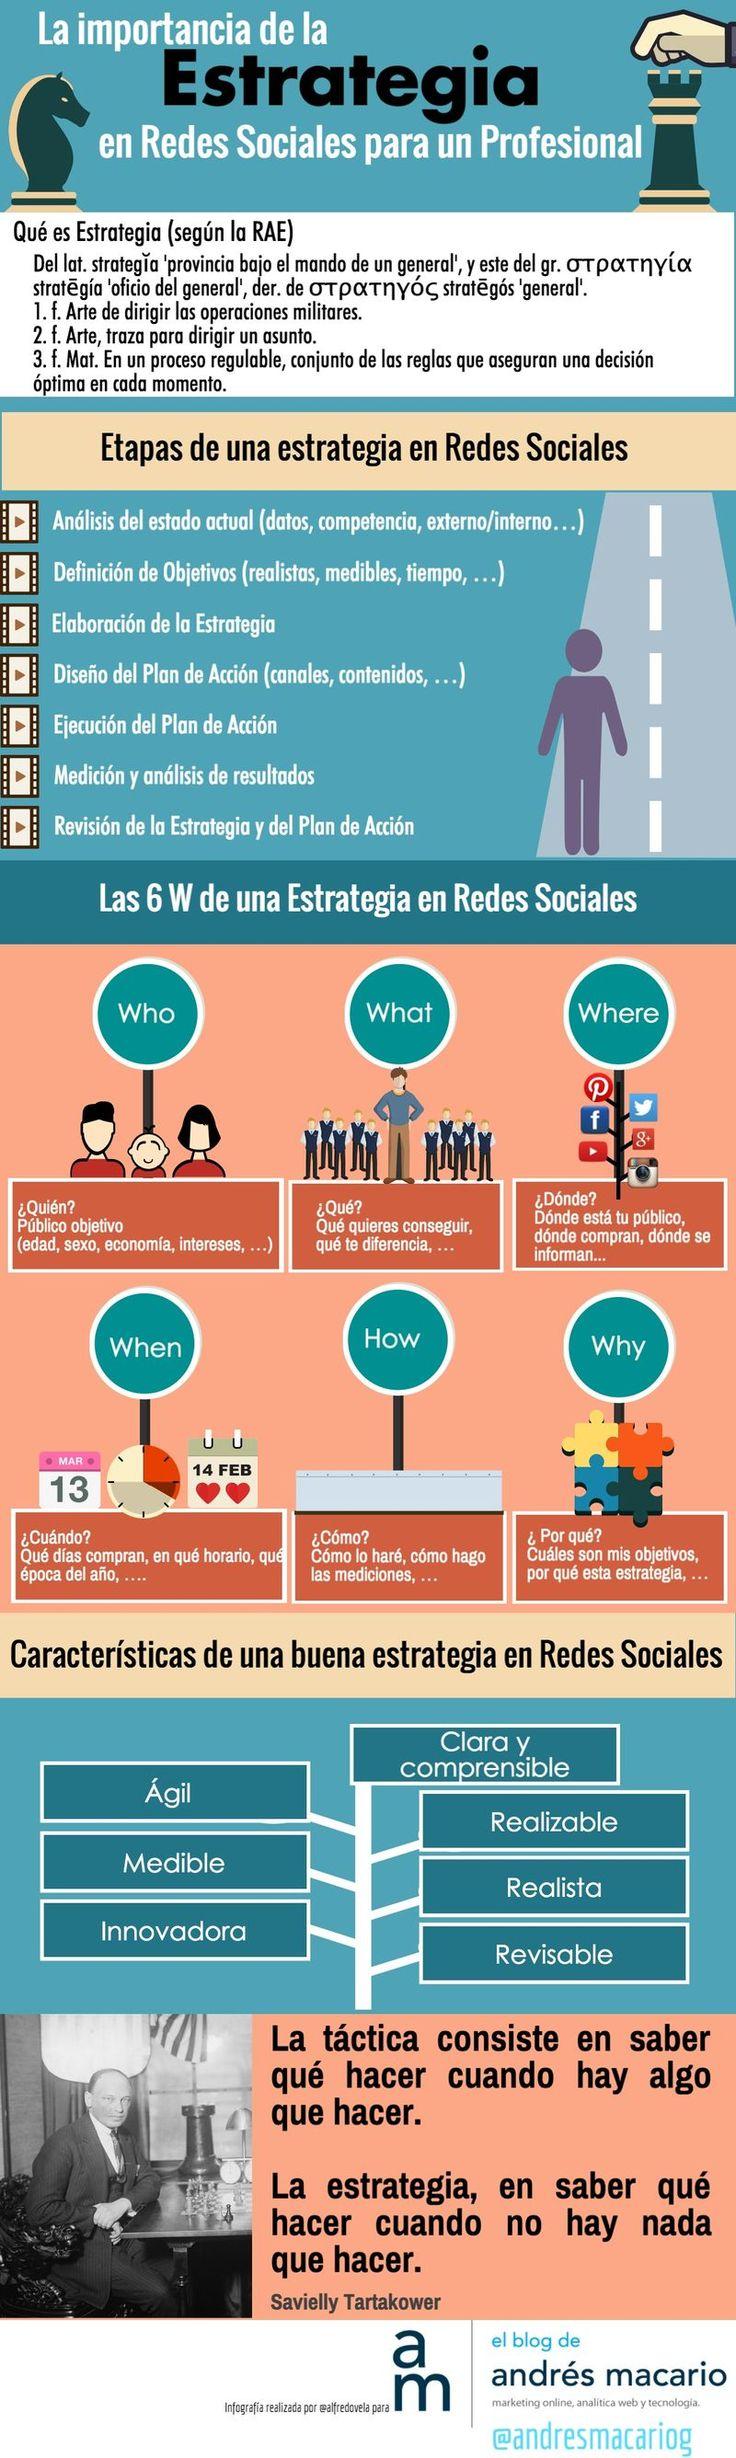 La Estrategia en Redes Sociales es muy importante para empresas, marcas y profesionales con presencia online, como describe esta infografía.